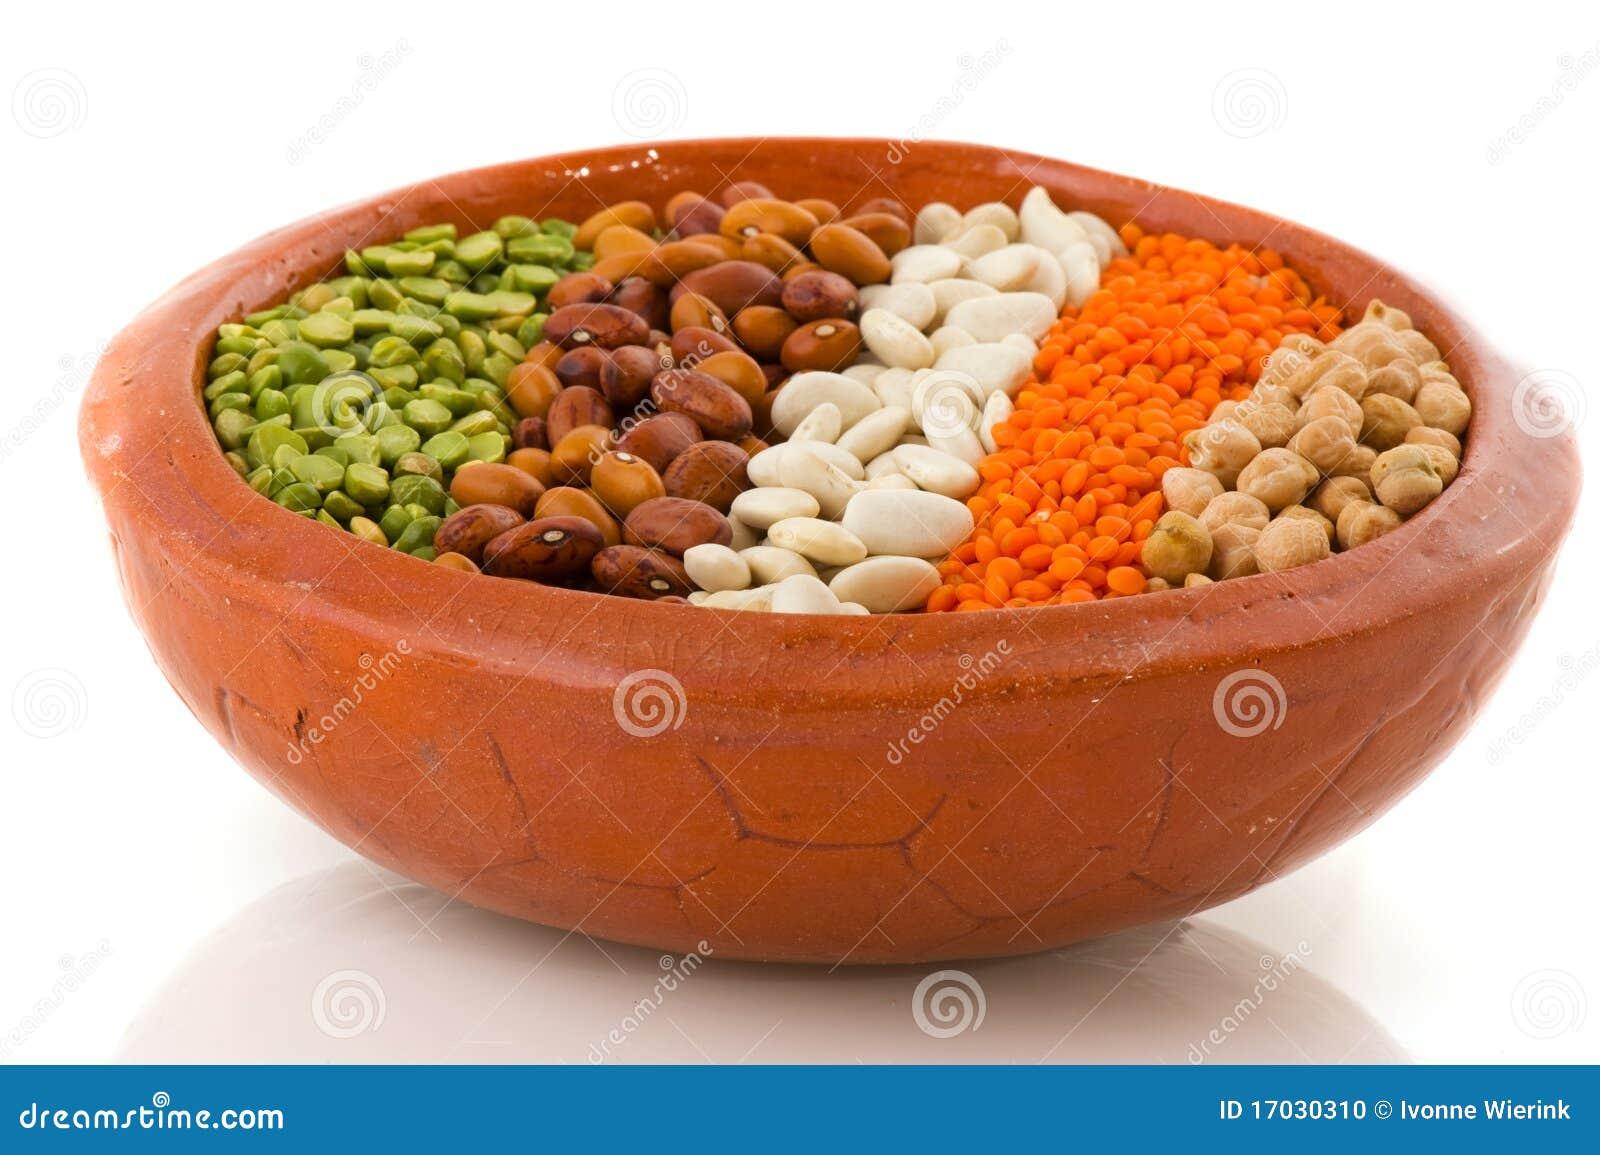 Varias legumbres